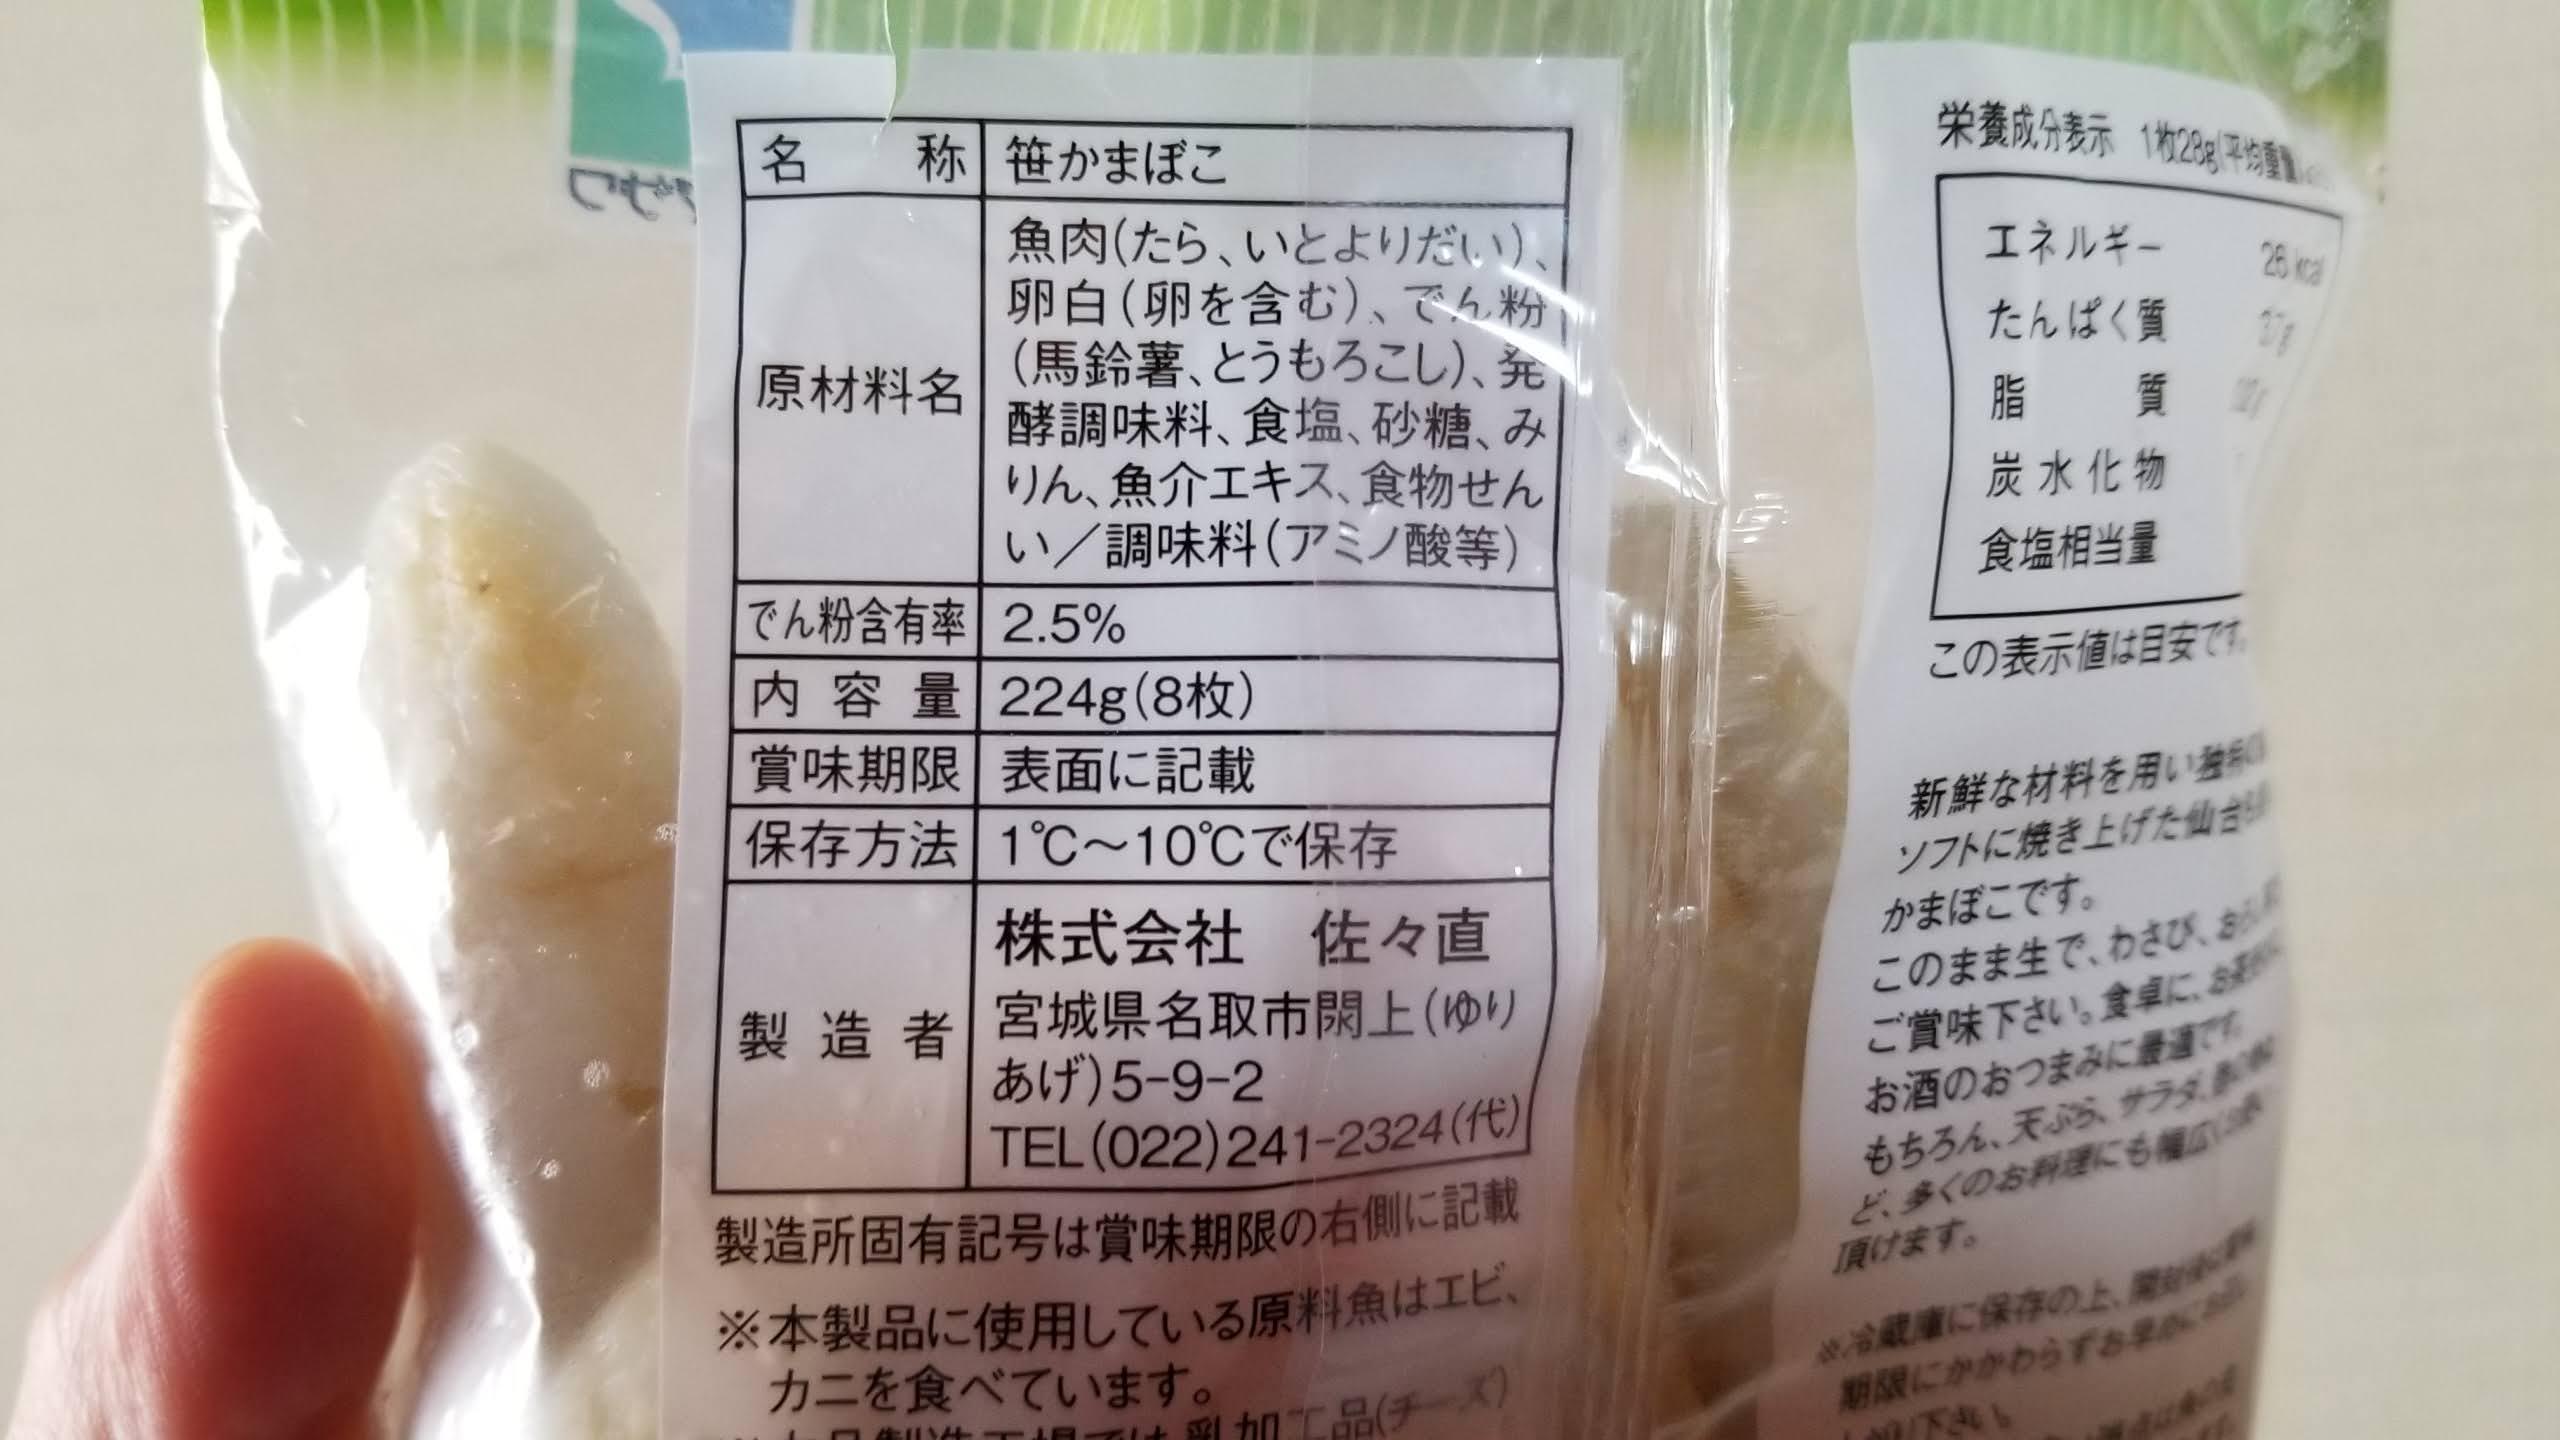 仙台名産笹かま厚焼き/ヤマザワ(佐々直)_20200604_095145